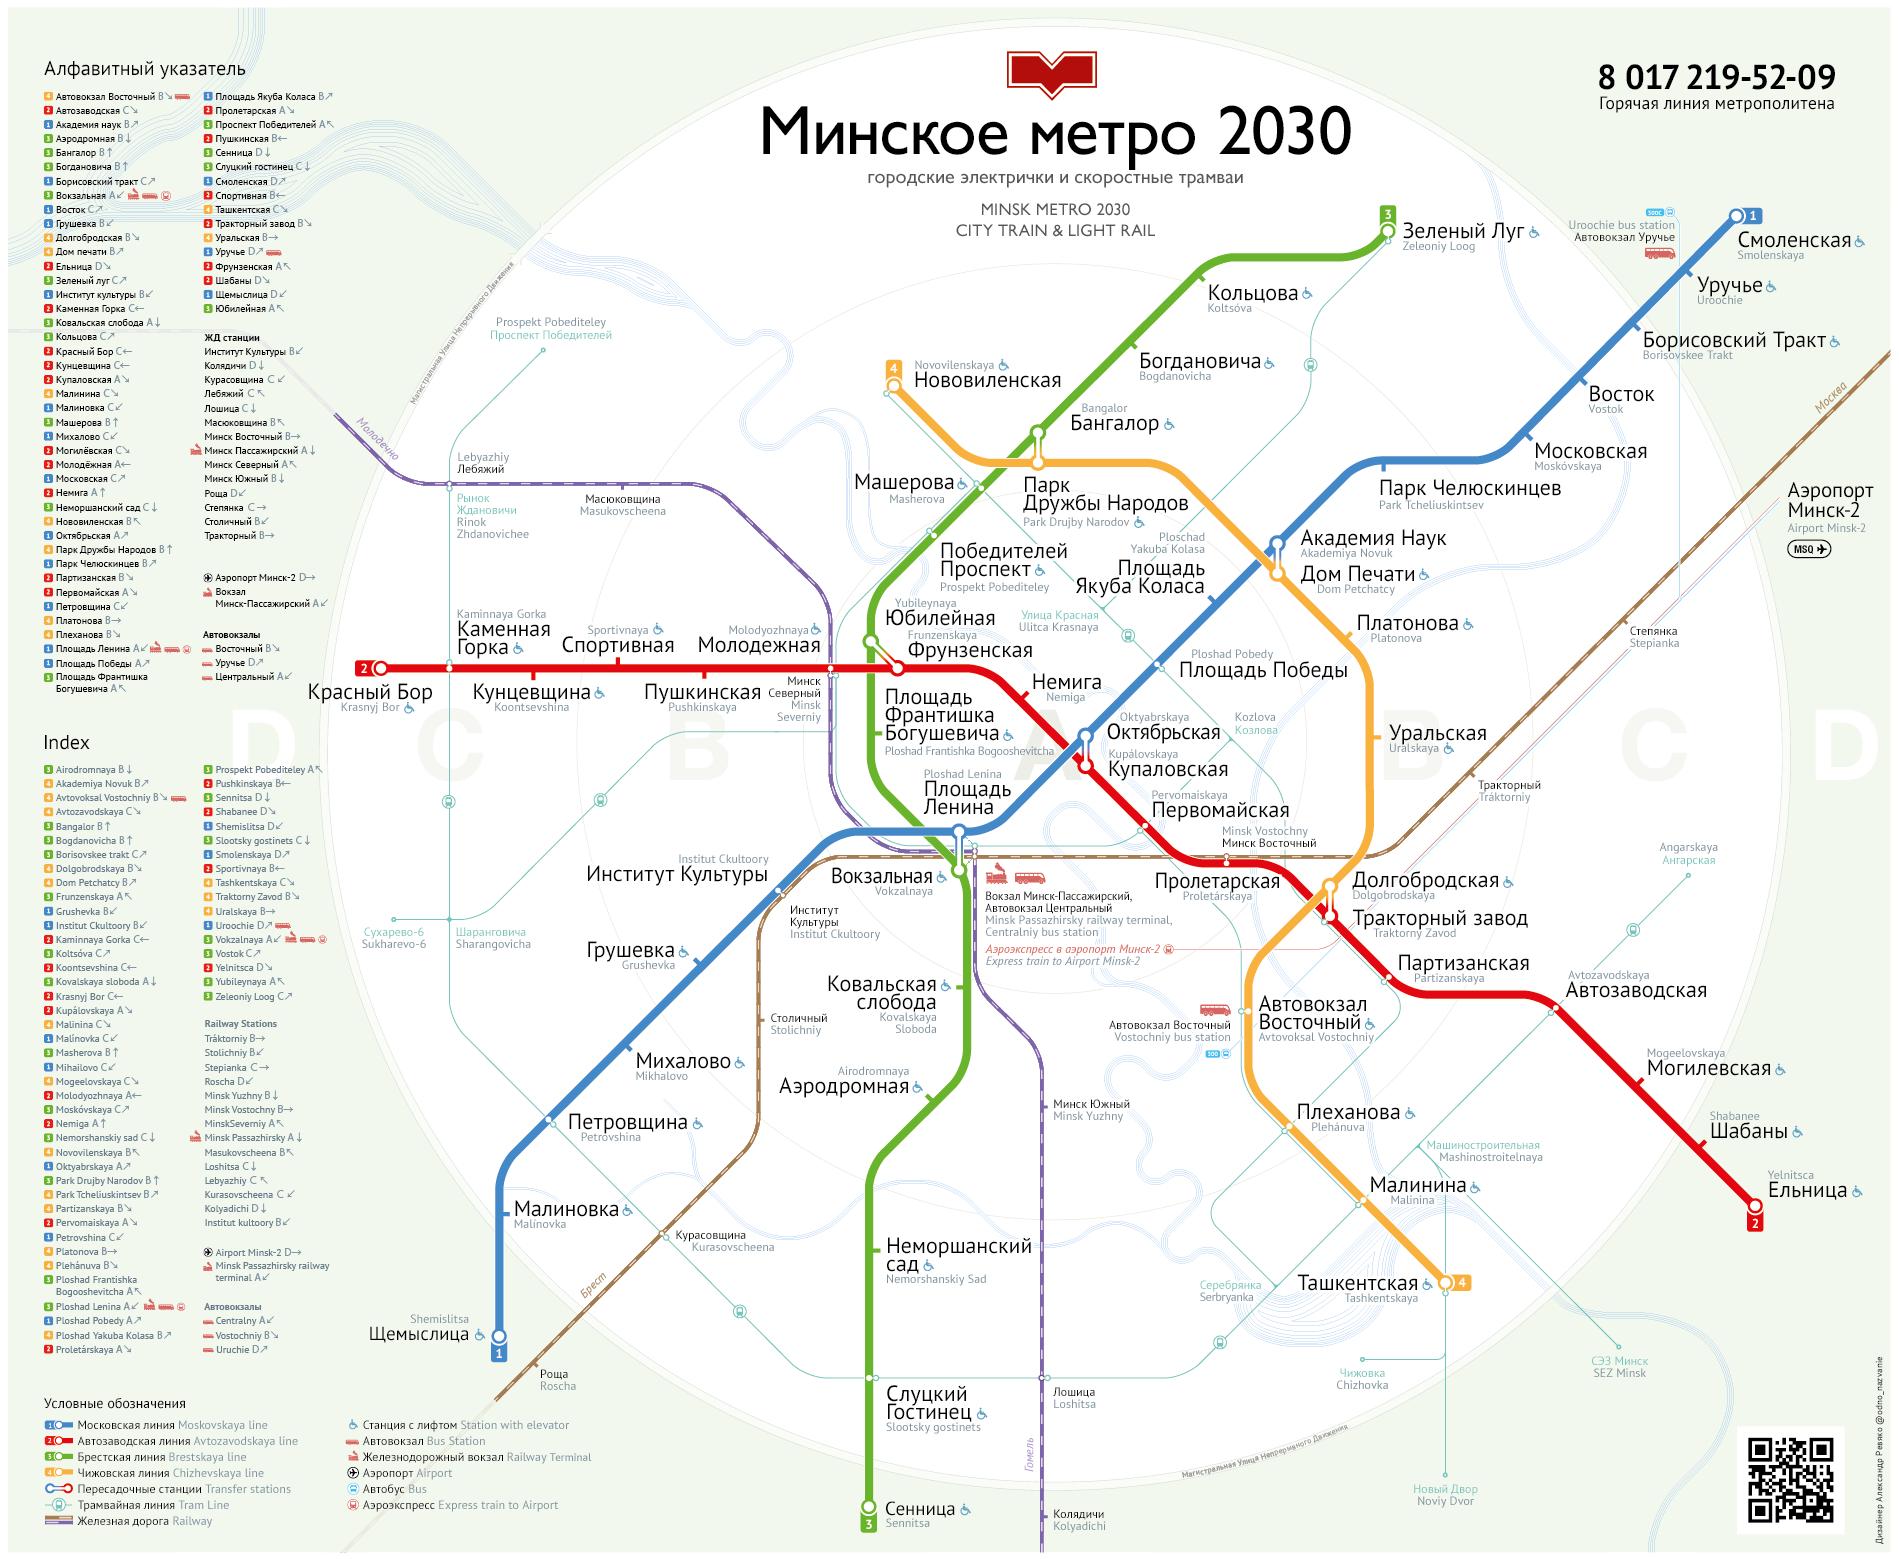 Схема минского метро 2030